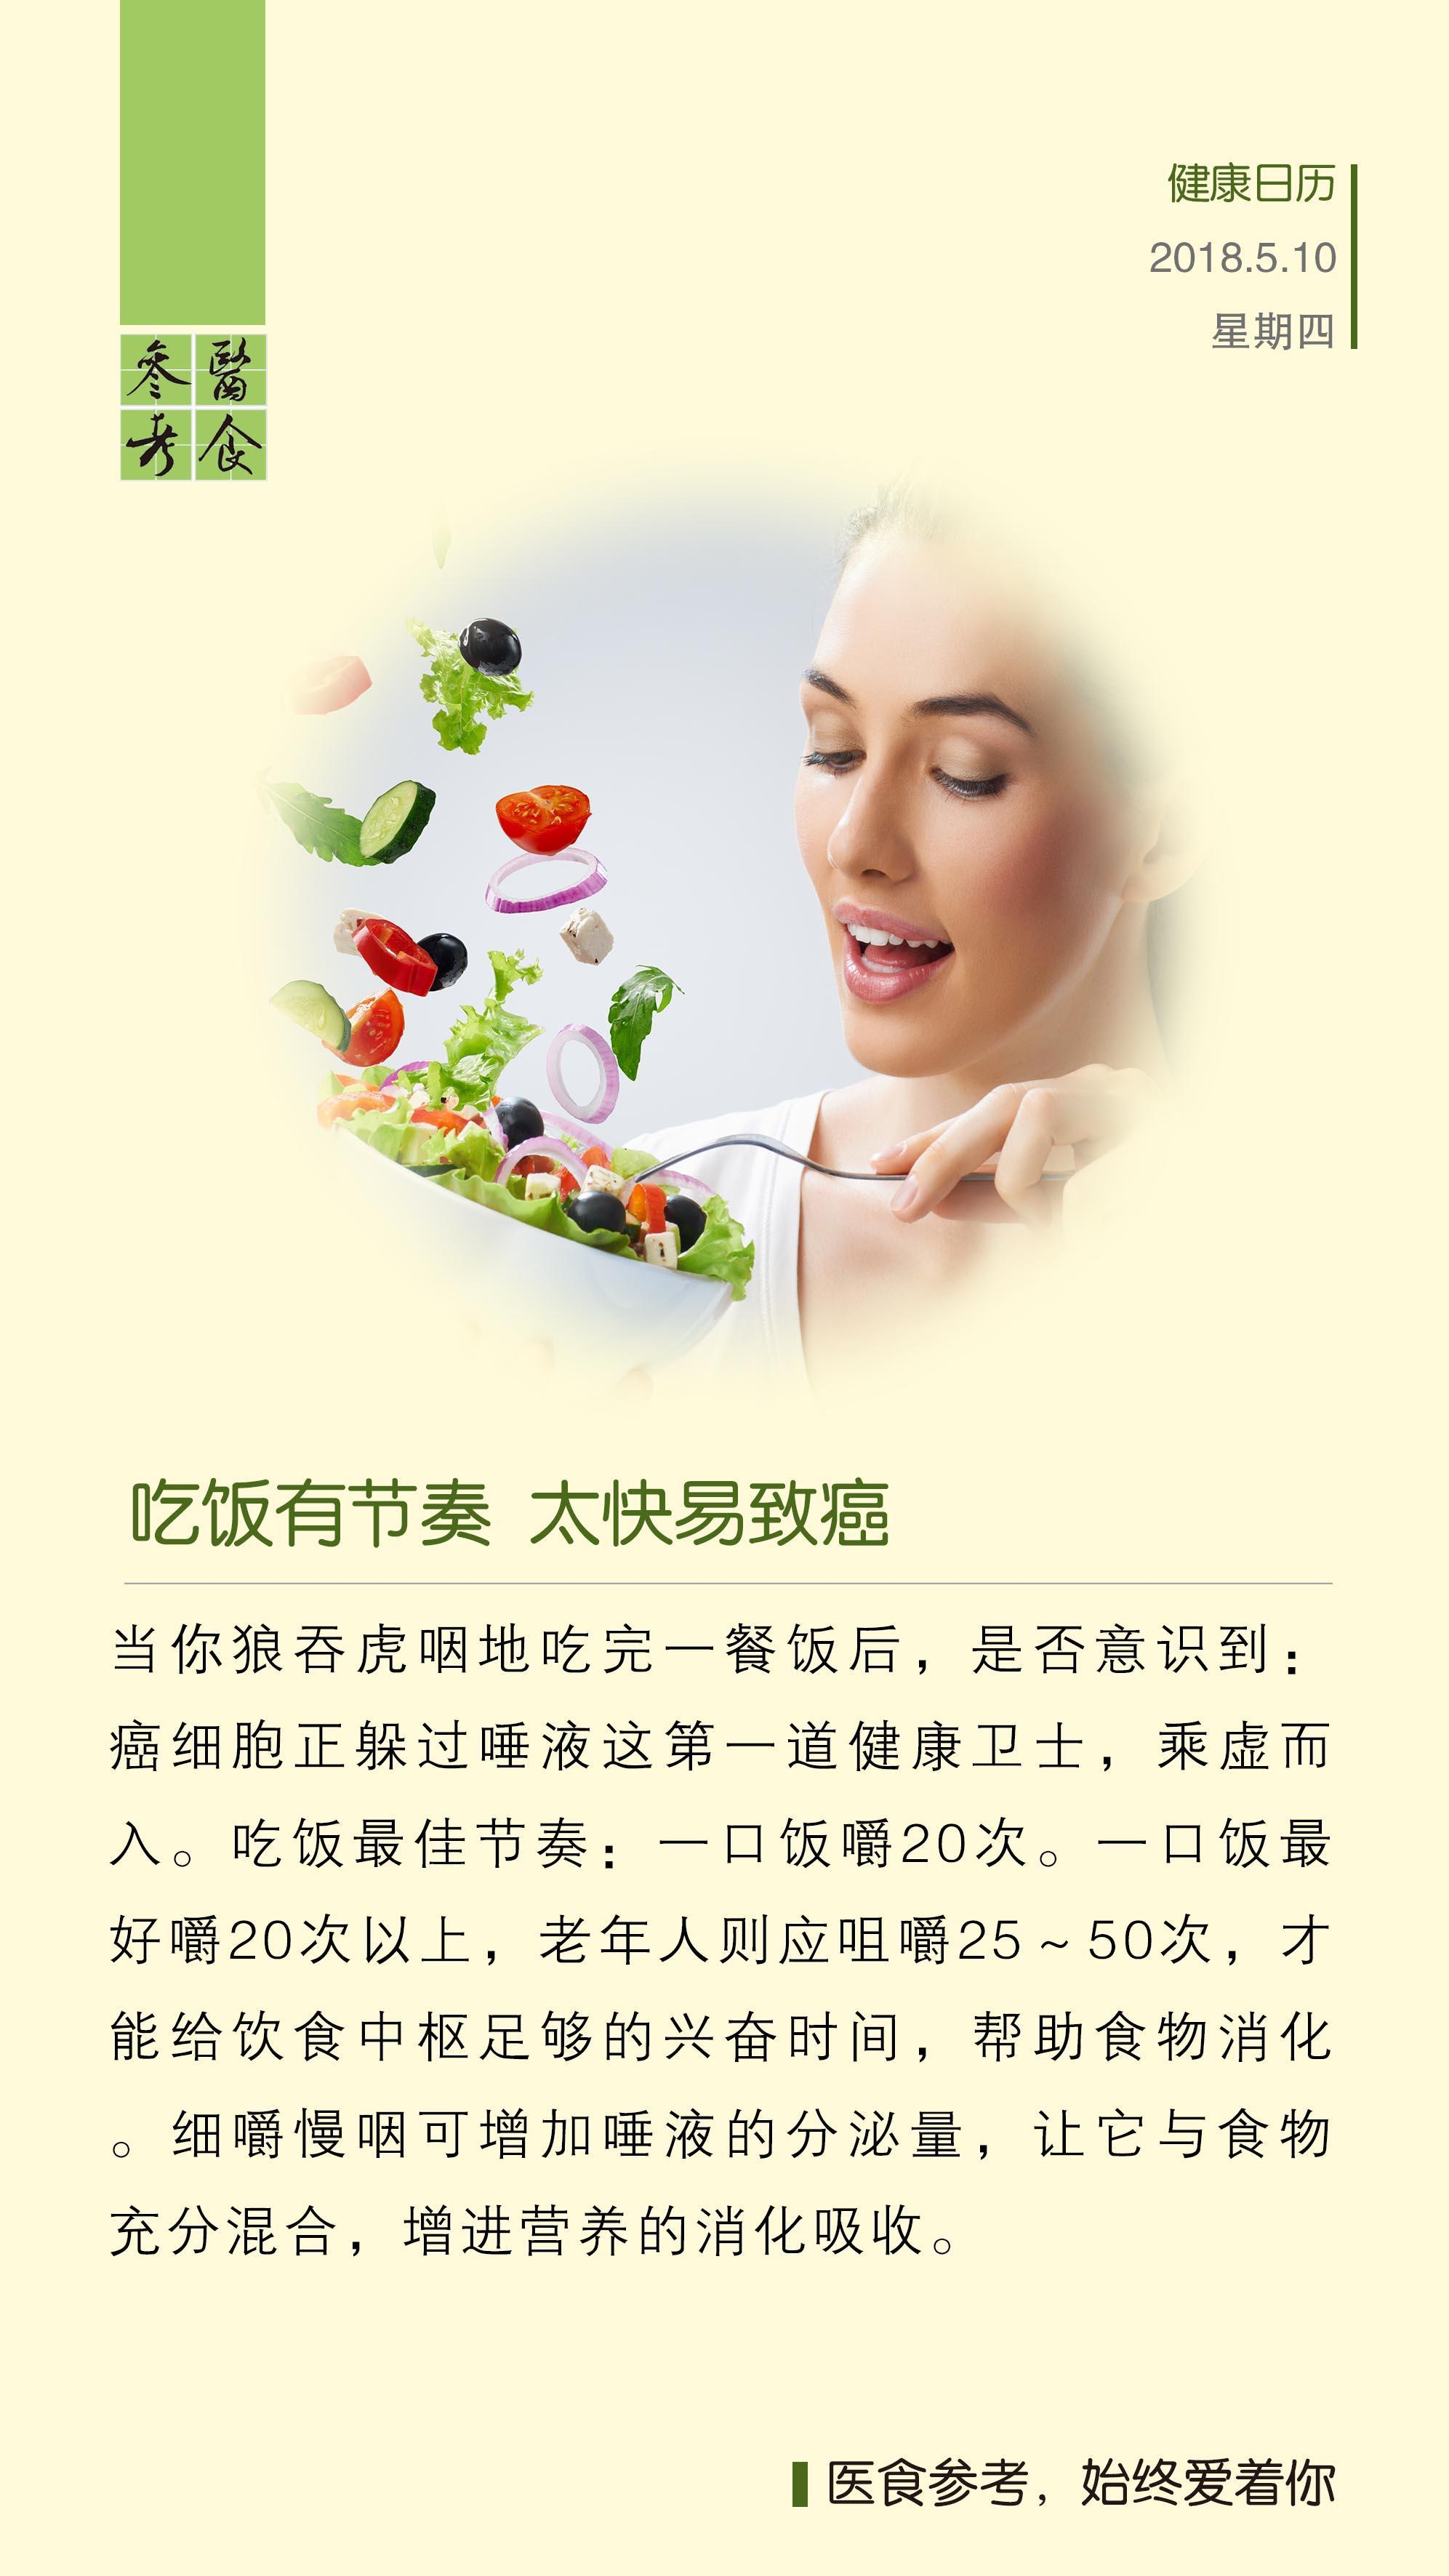 食品安全,专业保健,疾病防治,减肥美食,长寿推荐等营养瘦身操养生图片